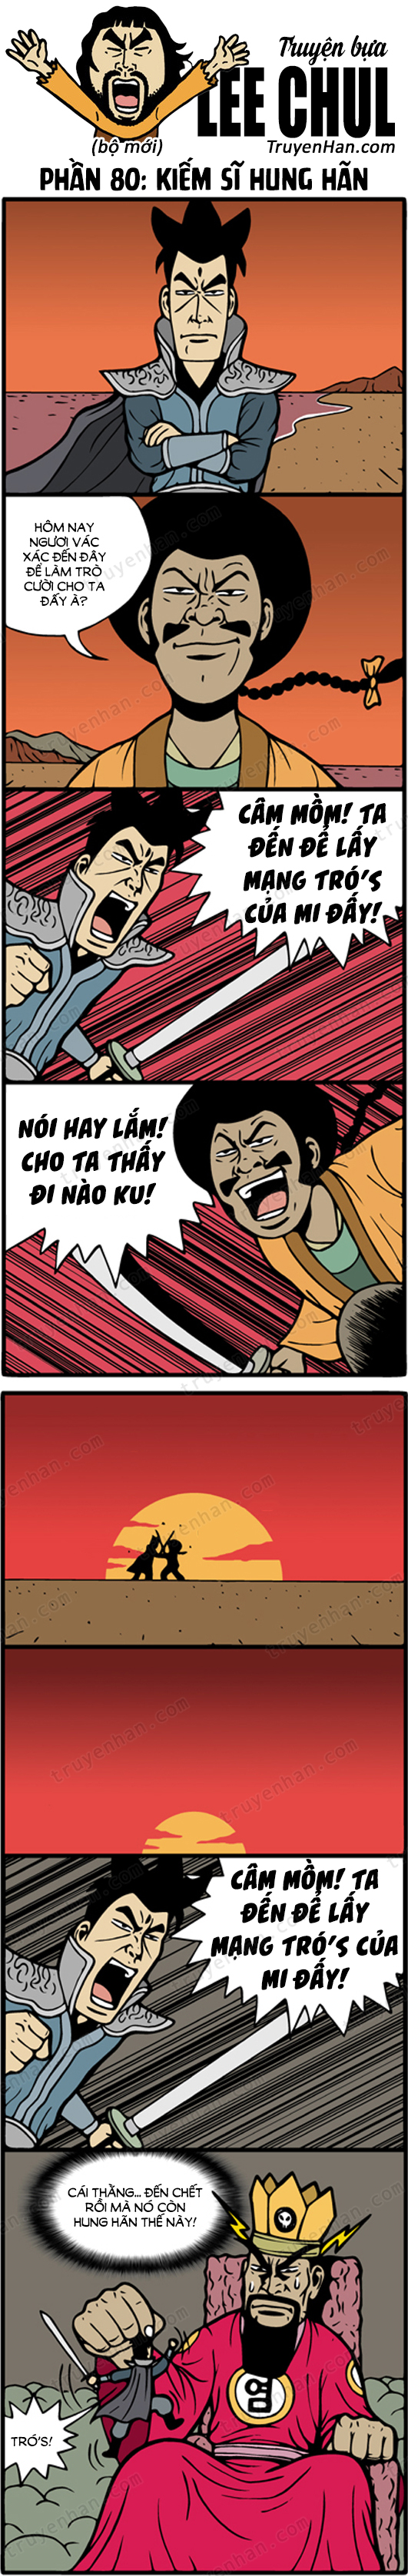 Lee Chul (bộ mới) phần 80: Kiếm sĩ hung hãn